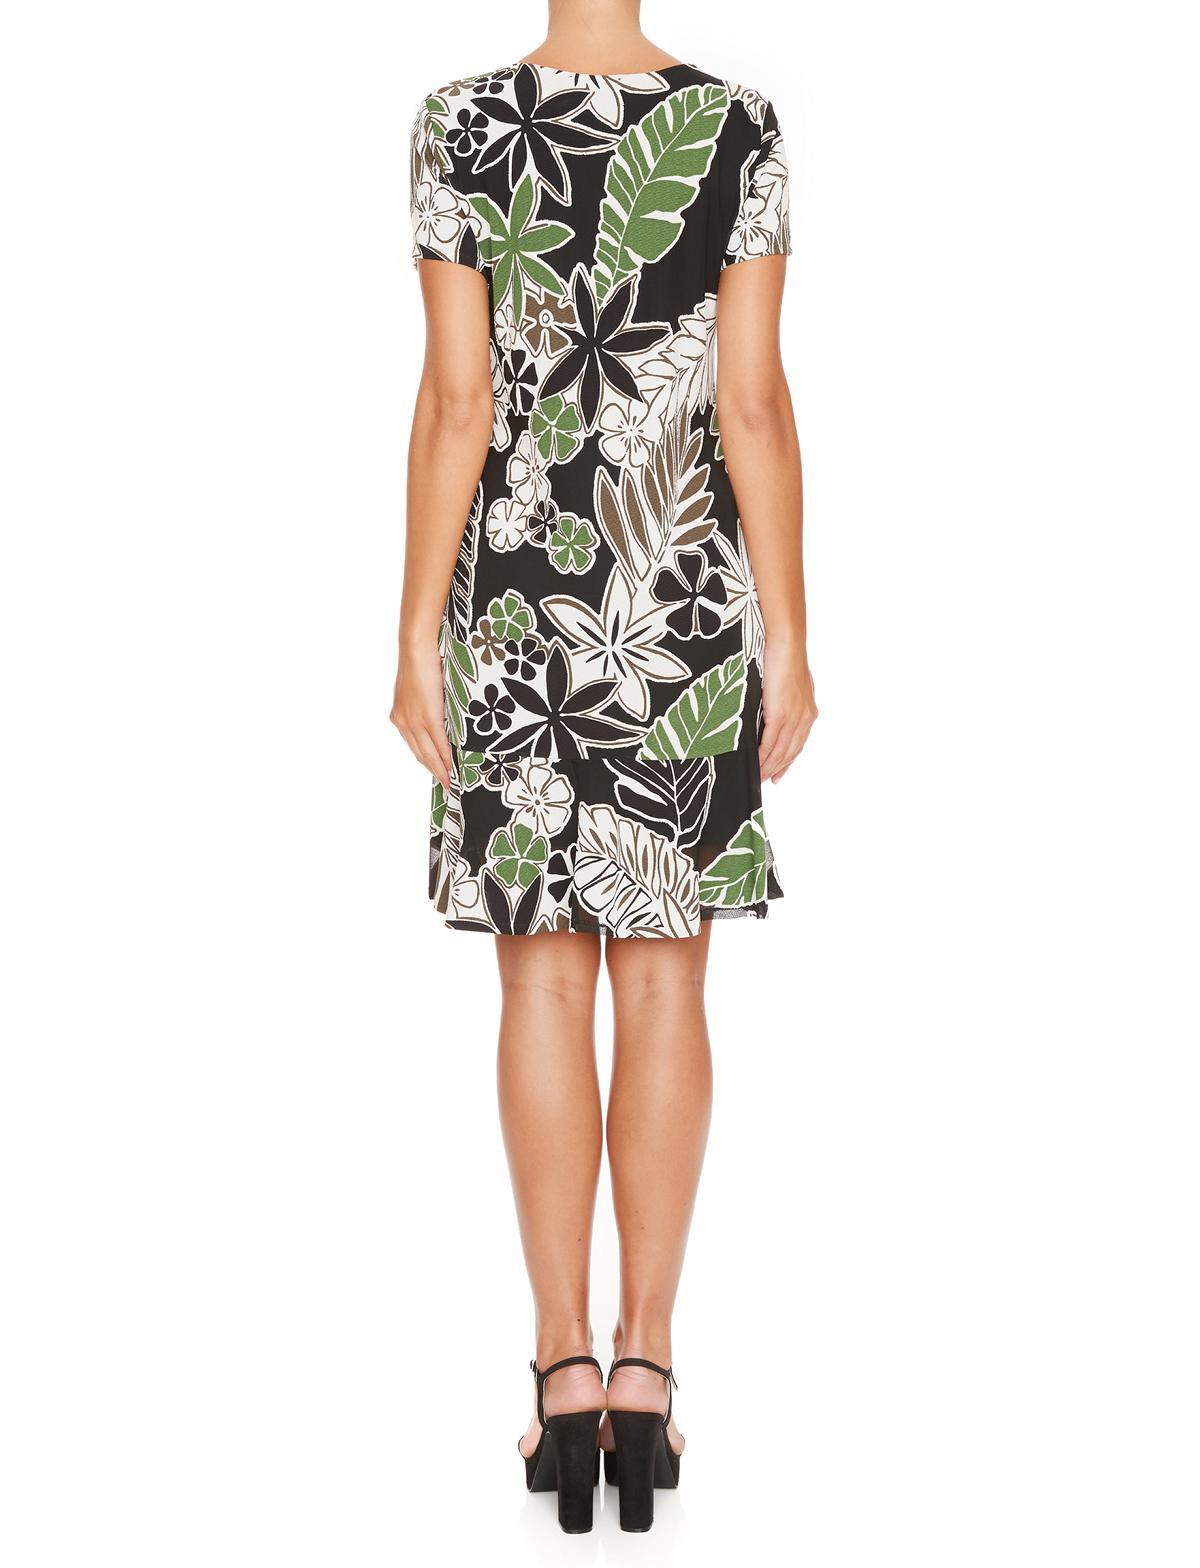 Rückansicht von Ana Alcazar Seventies Kleid Margret  angezogen an Model